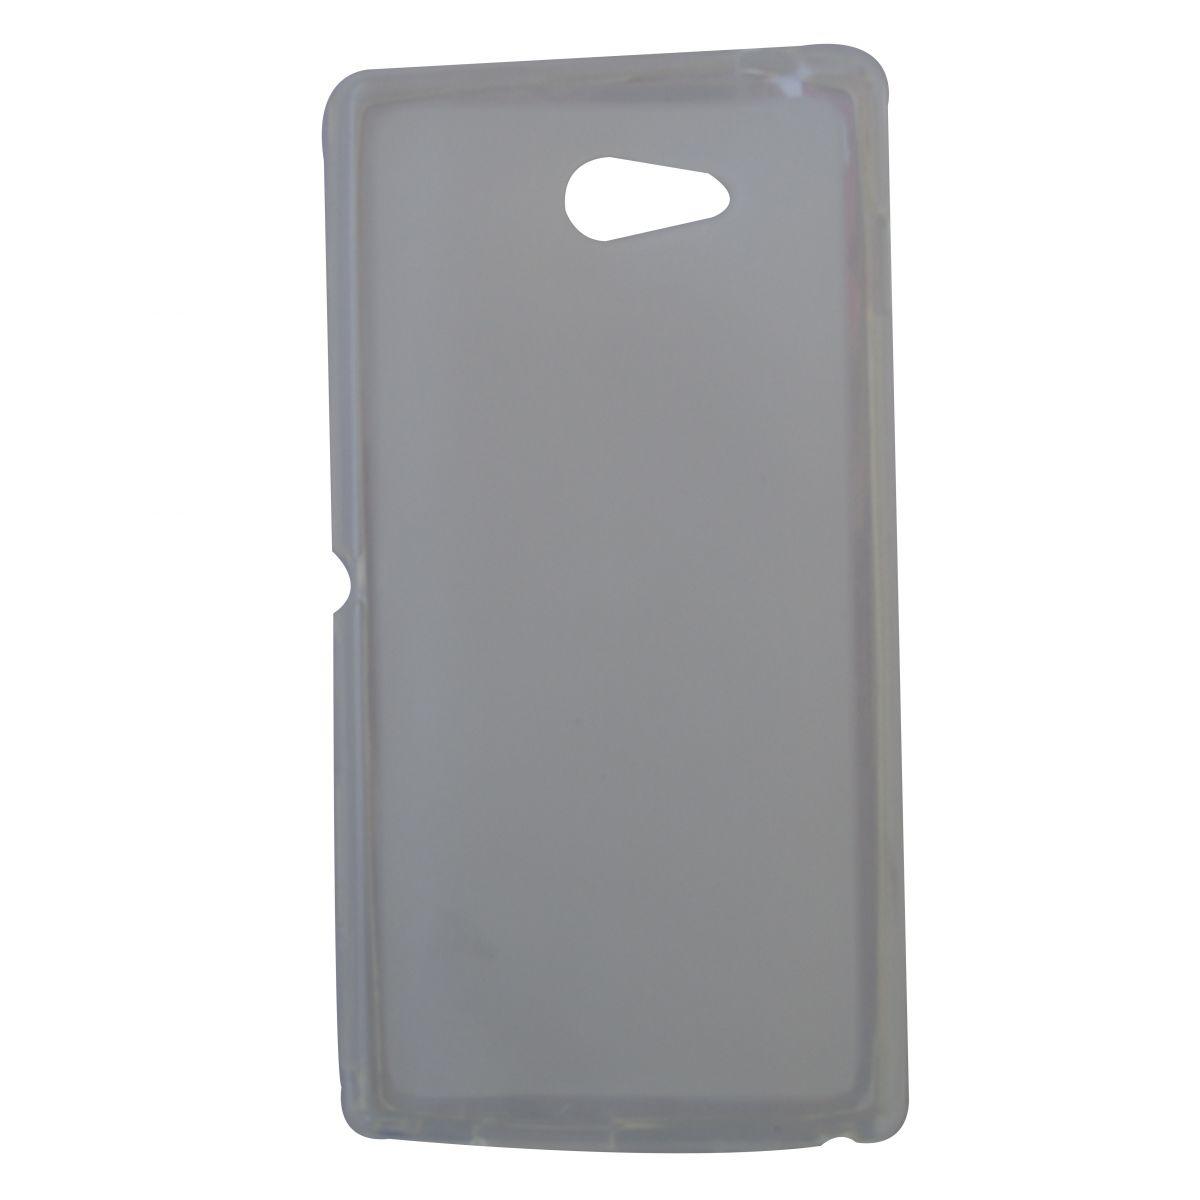 Capa TPU Transparente Sony Xperia M2 D2303 D2305 D2306 + Película Flexível